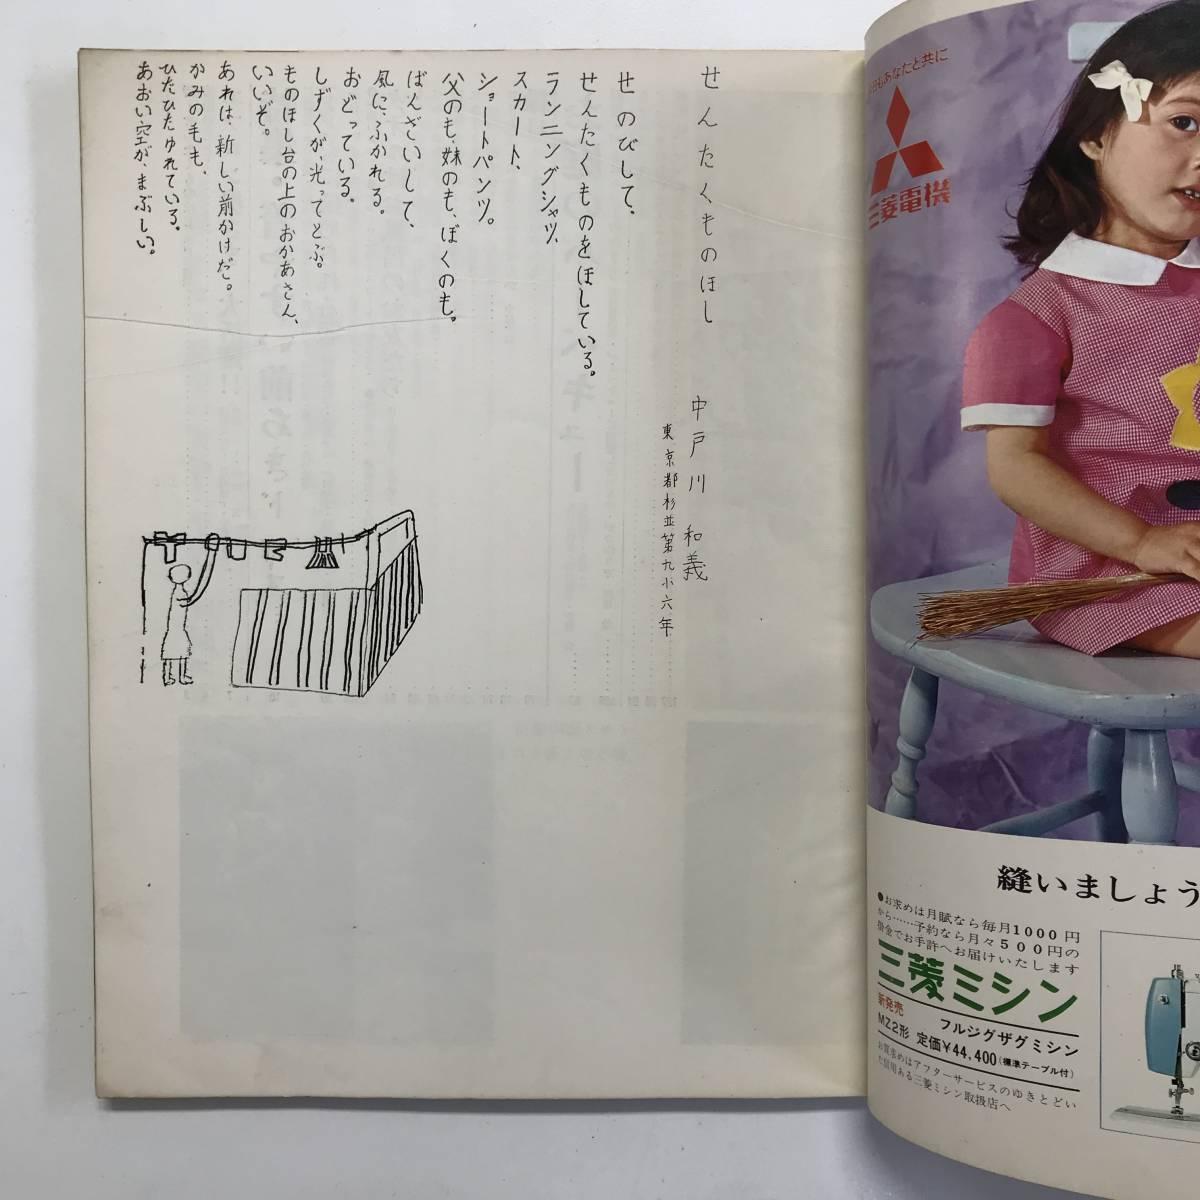 ミセス 臨時増刊号 昭和41年8月号 t00941_l3_画像2